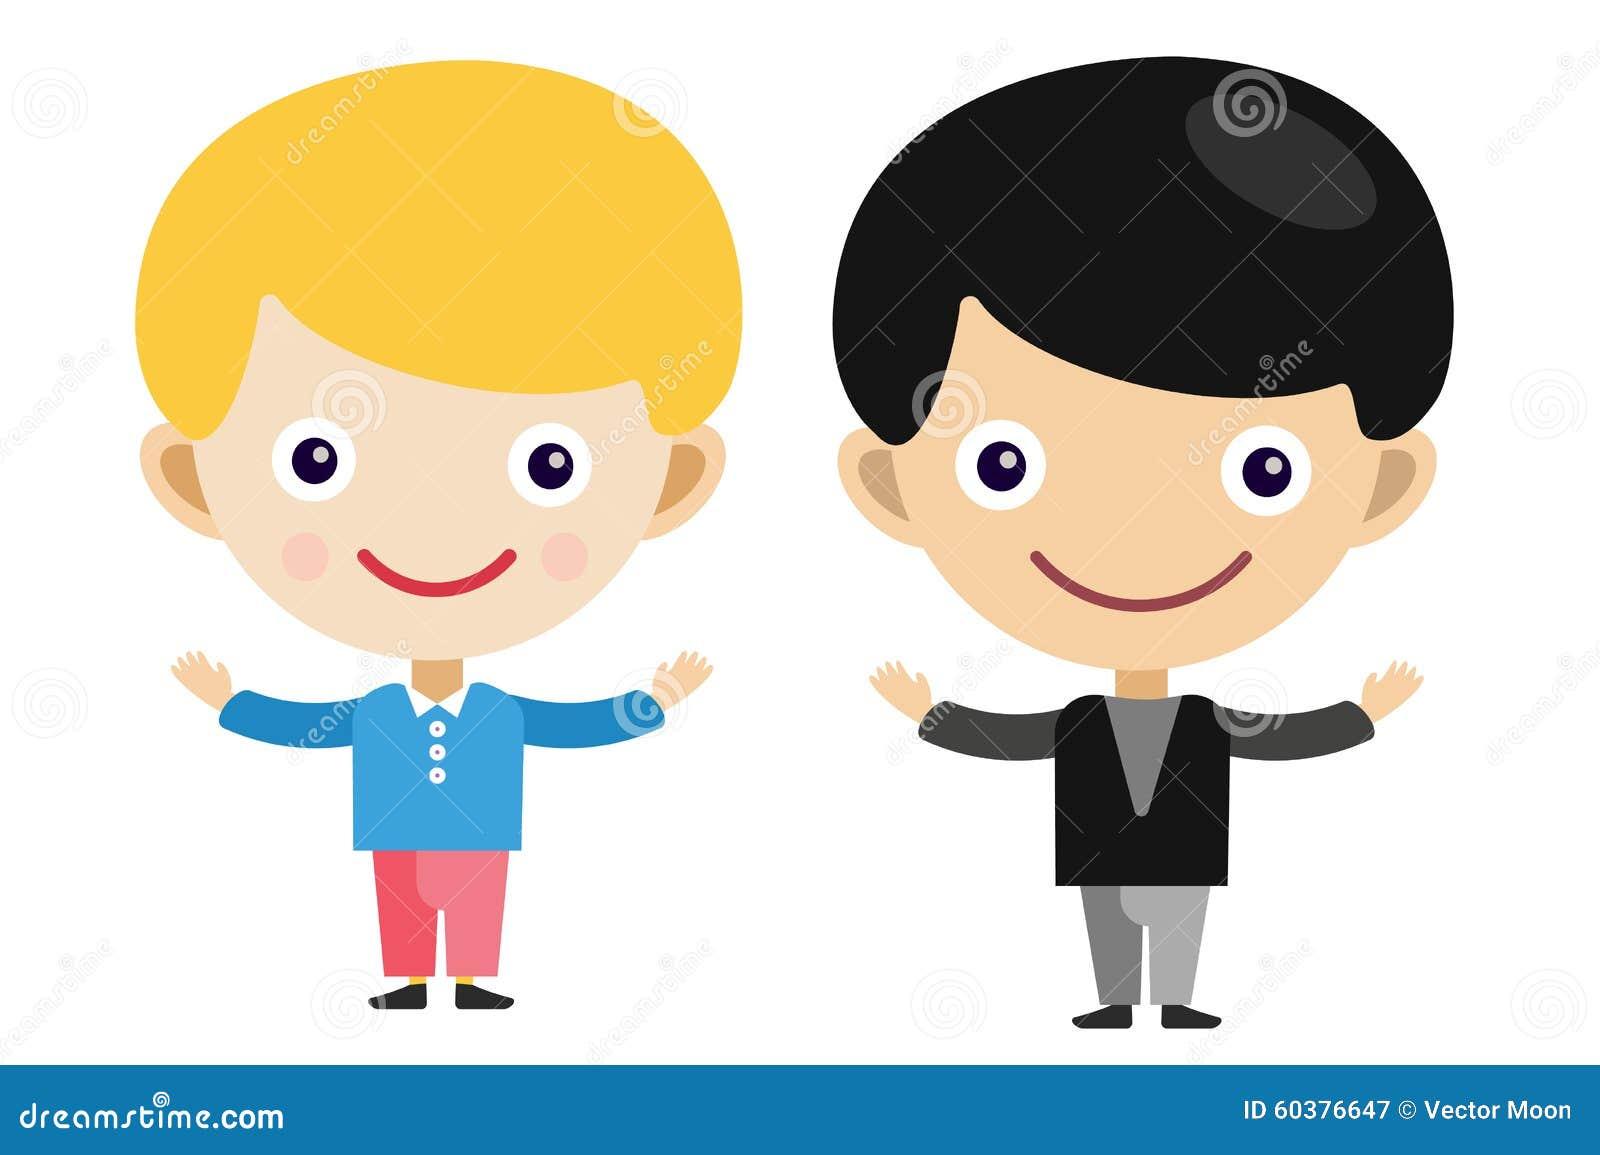 Meninos E Meninas De Nacionalidades Diferentes Childre: Meninos Louros Do Vetor Dos Desenhos Animados Do Menino Em